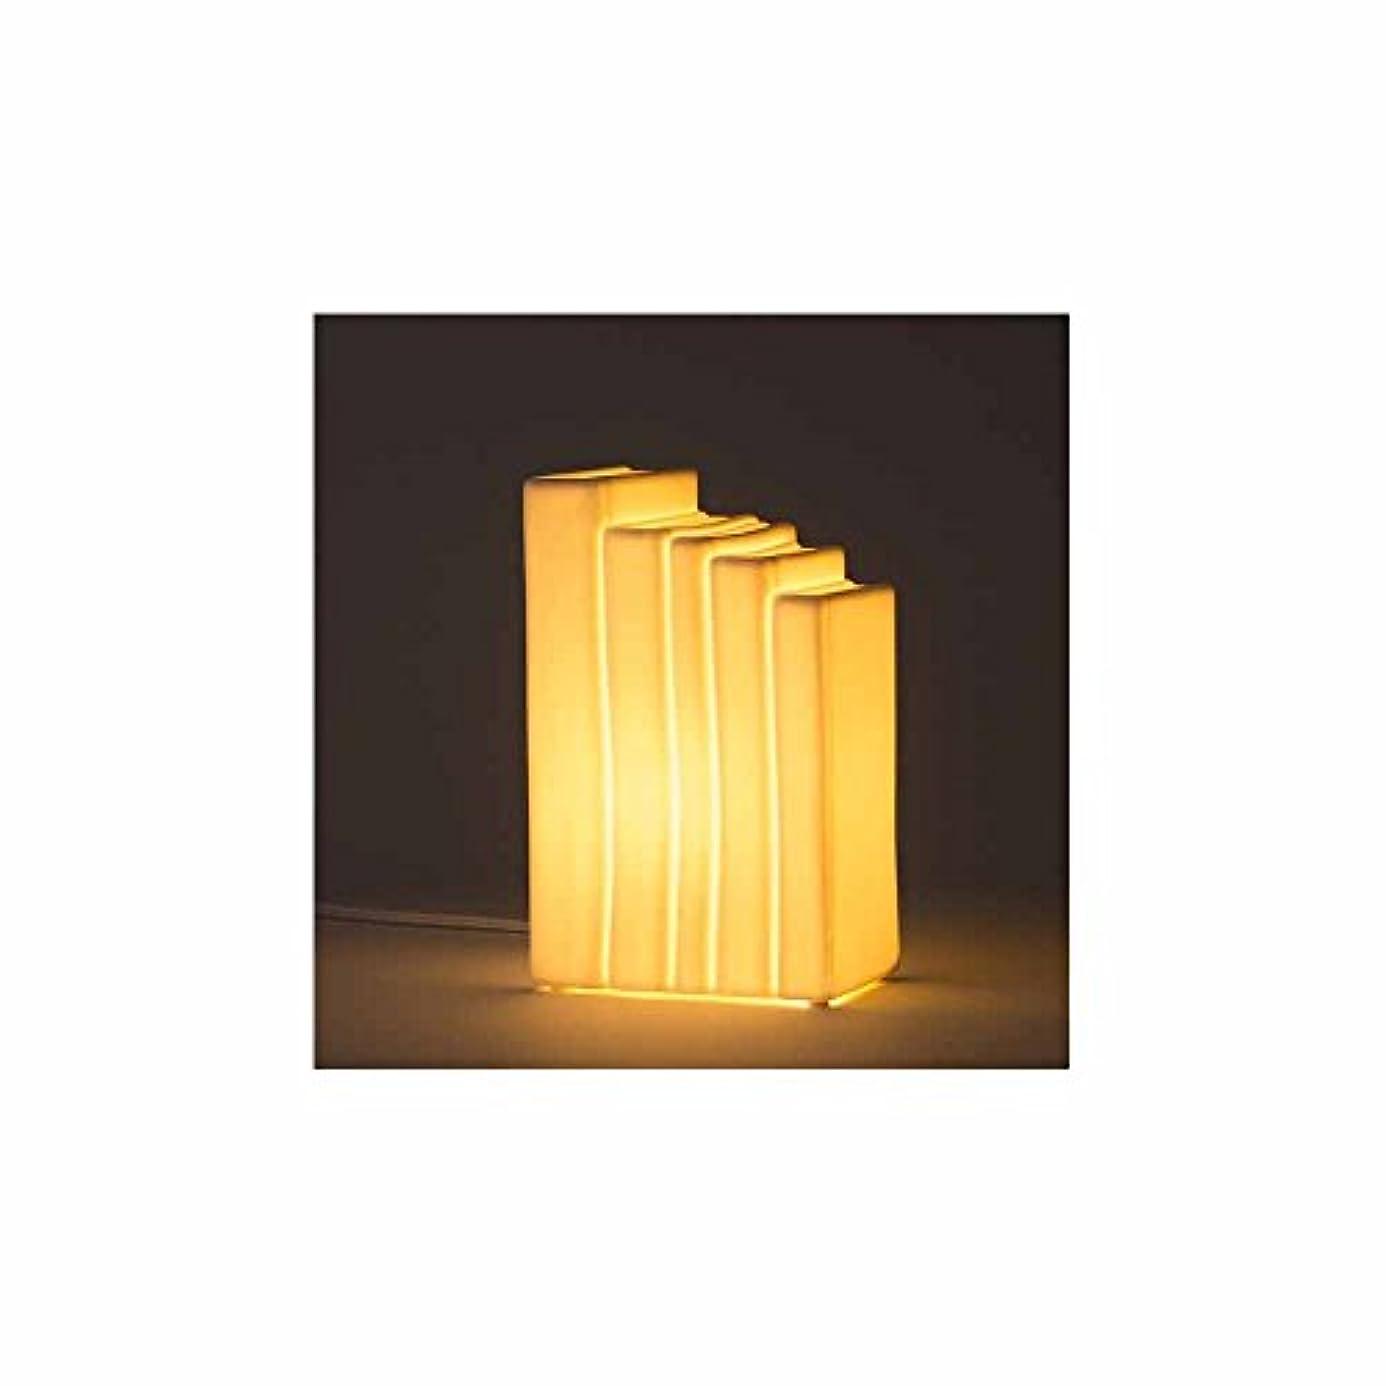 夢中幽霊過ちBooks(ブックス) ランプ 76801100